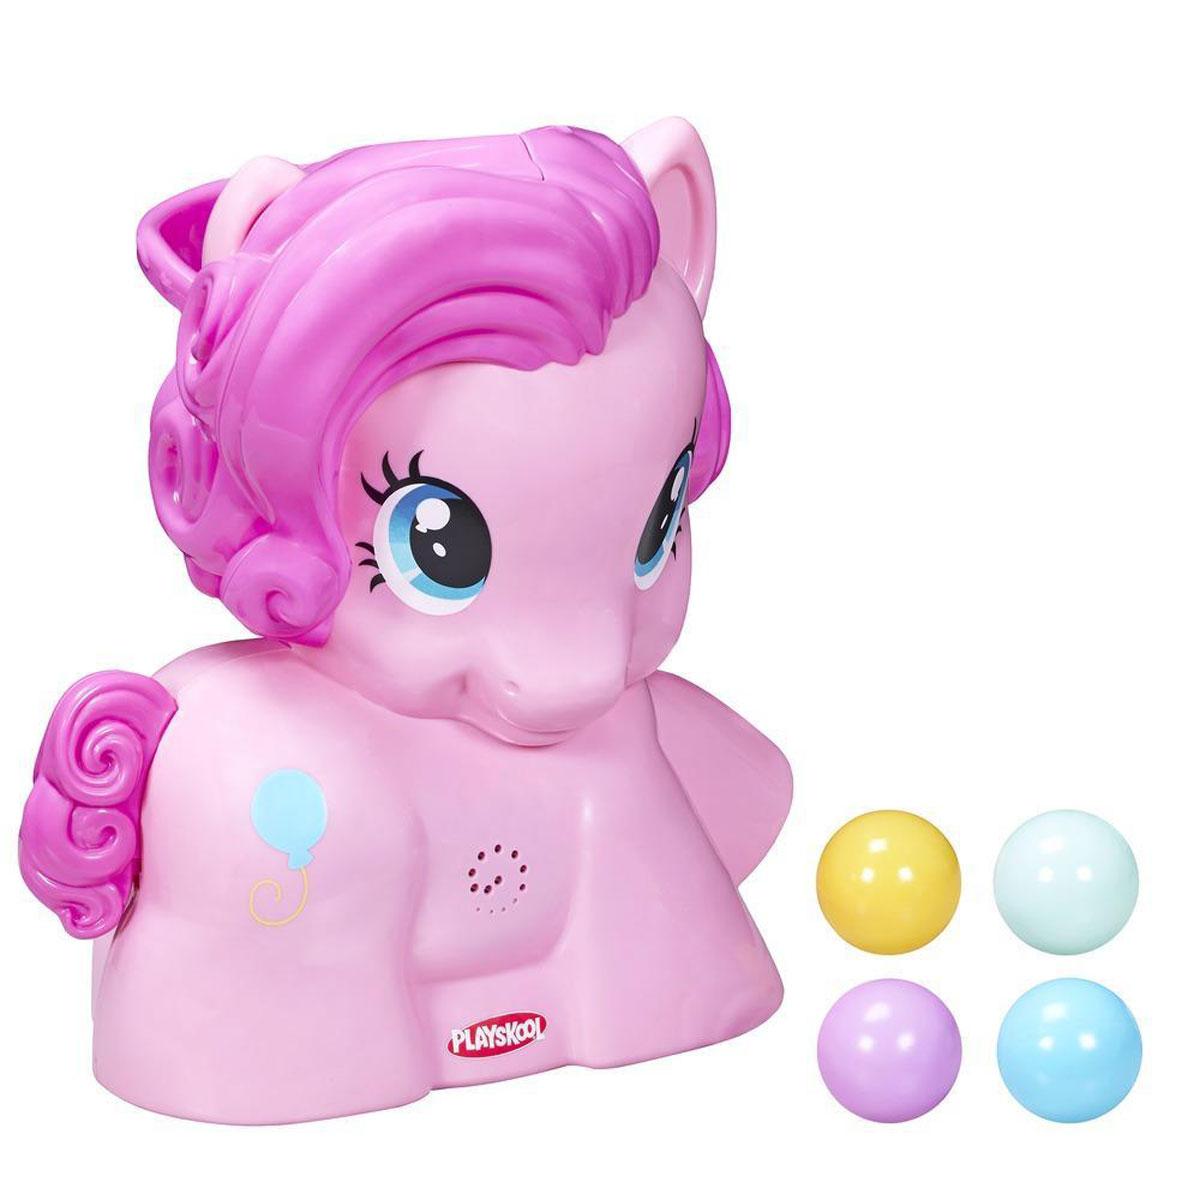 Playskool Музыкальная игрушка  My Little Pony: Пинки Пай , с шарами - Интерактивные игрушки